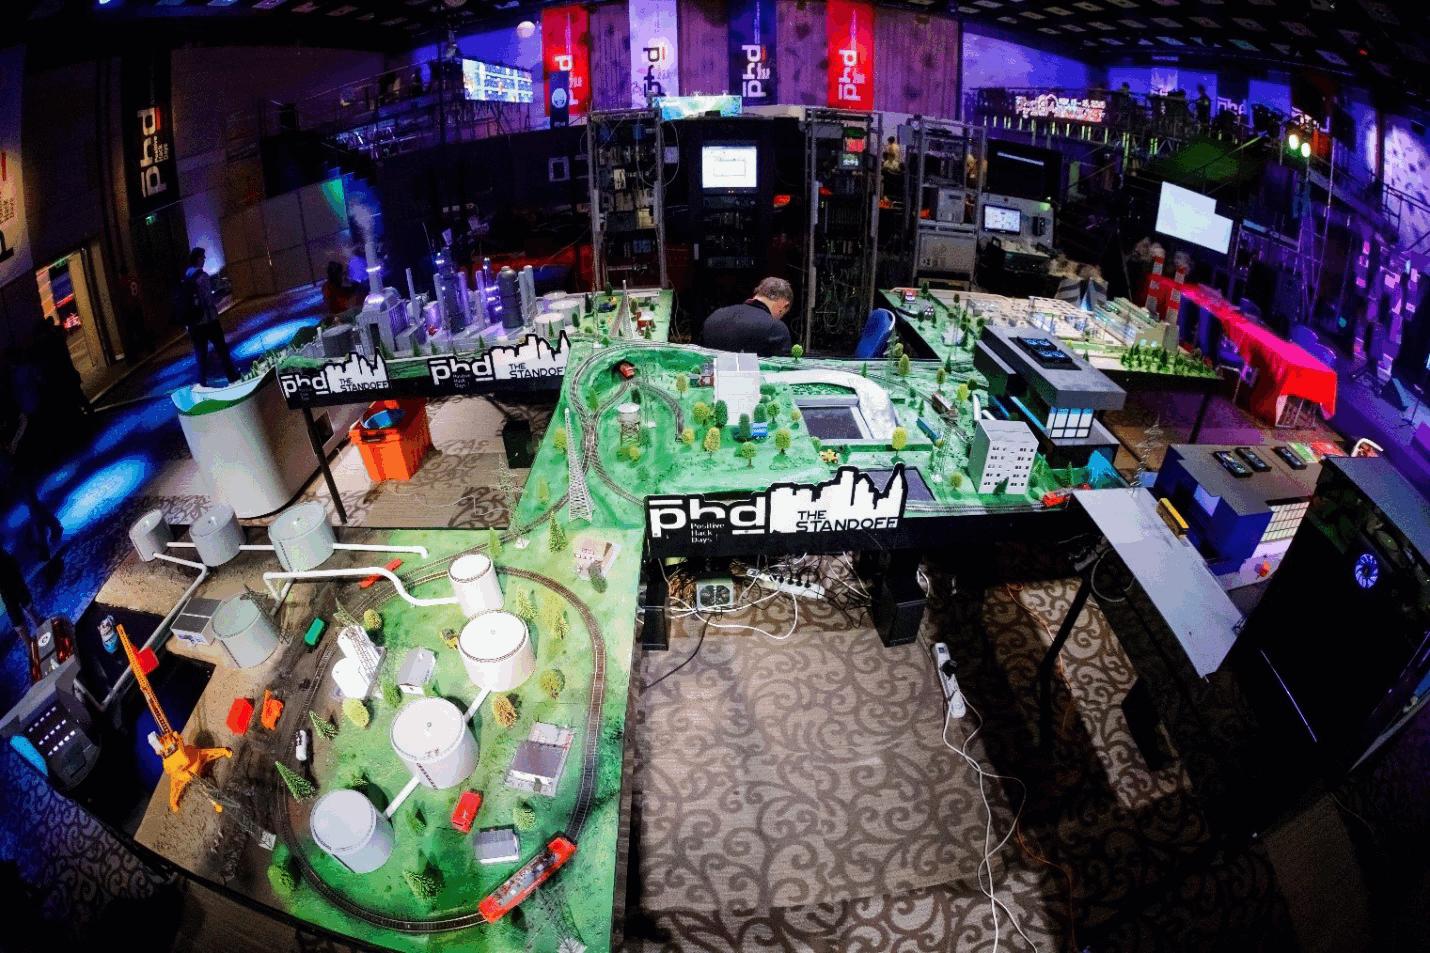 https://import.viva64.com/docx/blog/0608_Conferences_2018/image19.png